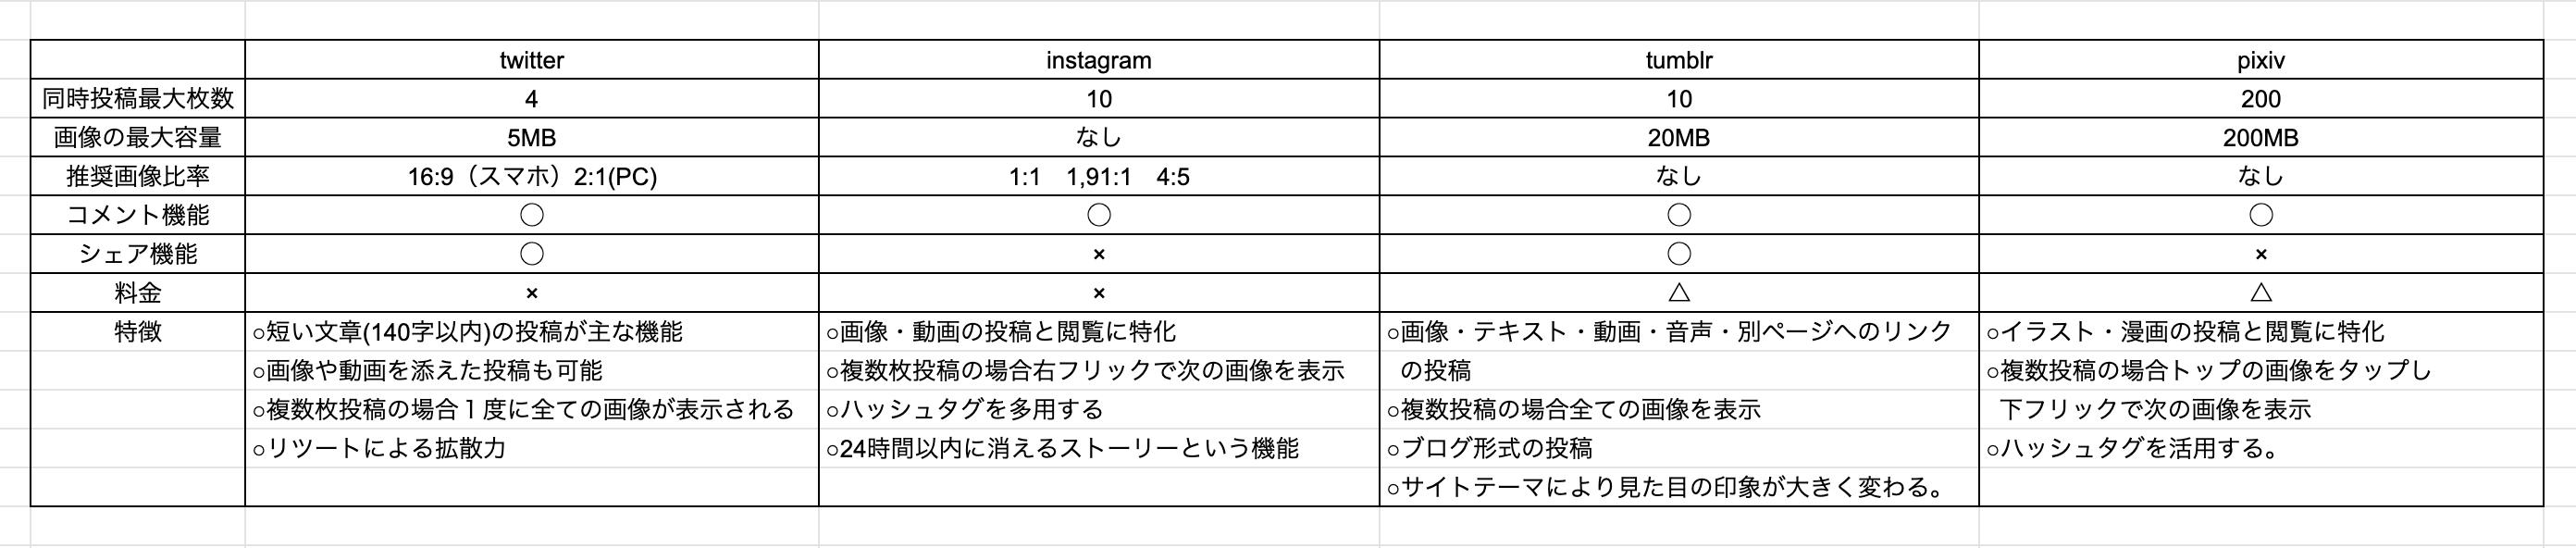 toku-min.png